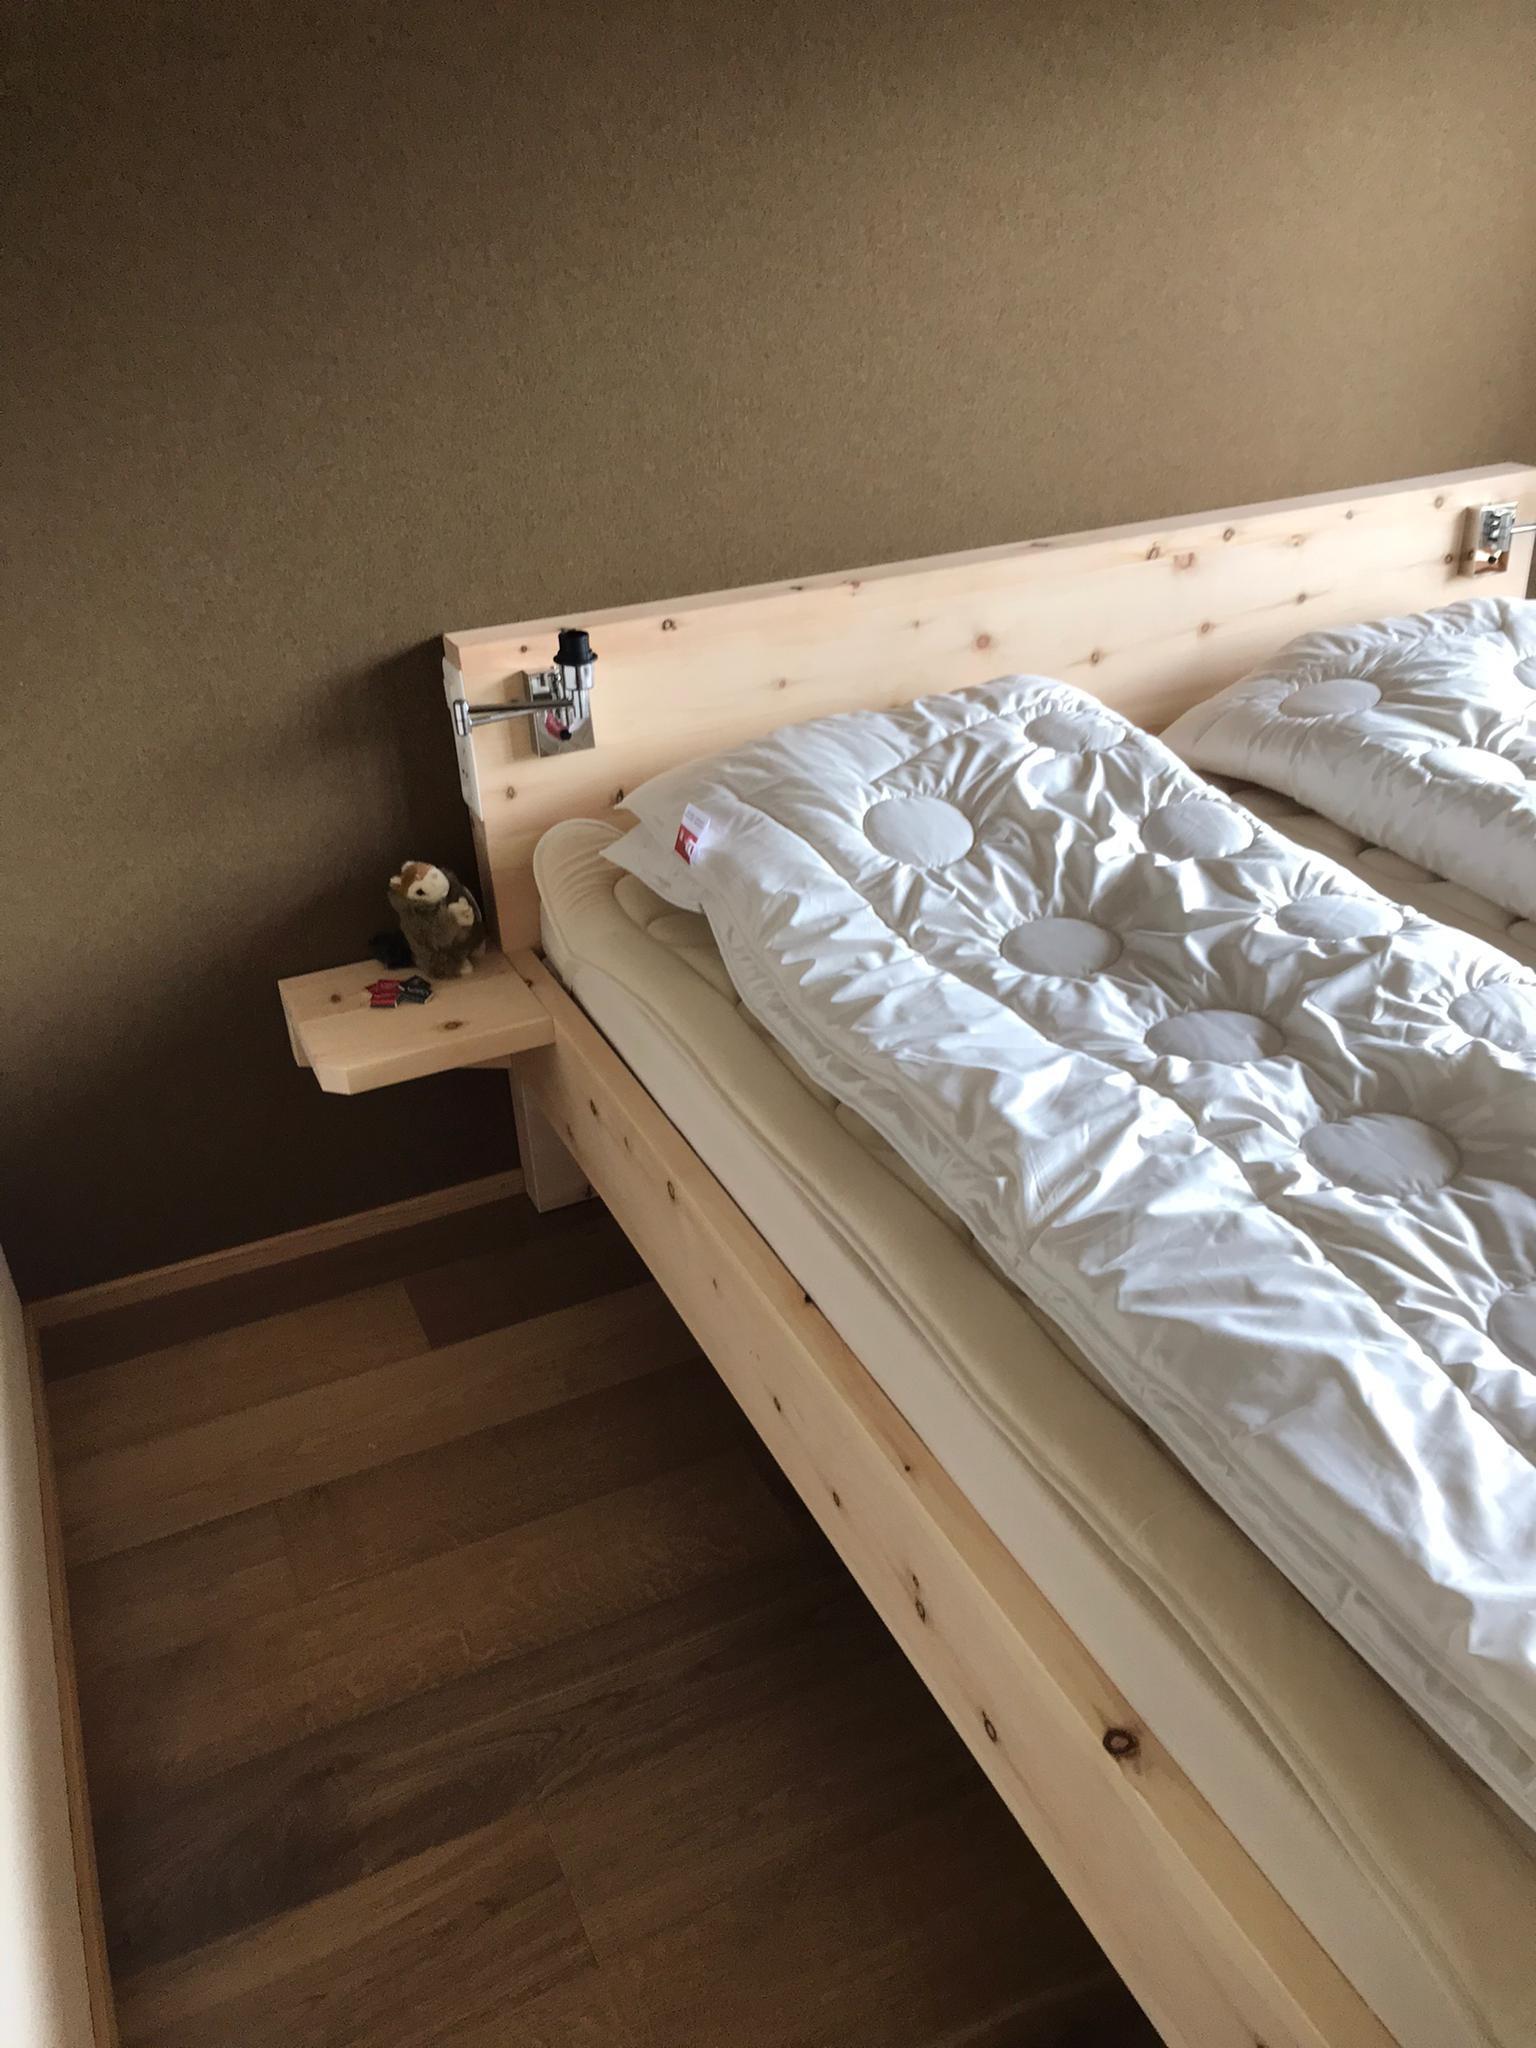 Arven Bett, roh - mit dem natürlichen Bettinhalt von Hüsler Nest. Alle Verbindungen ohne Metall!